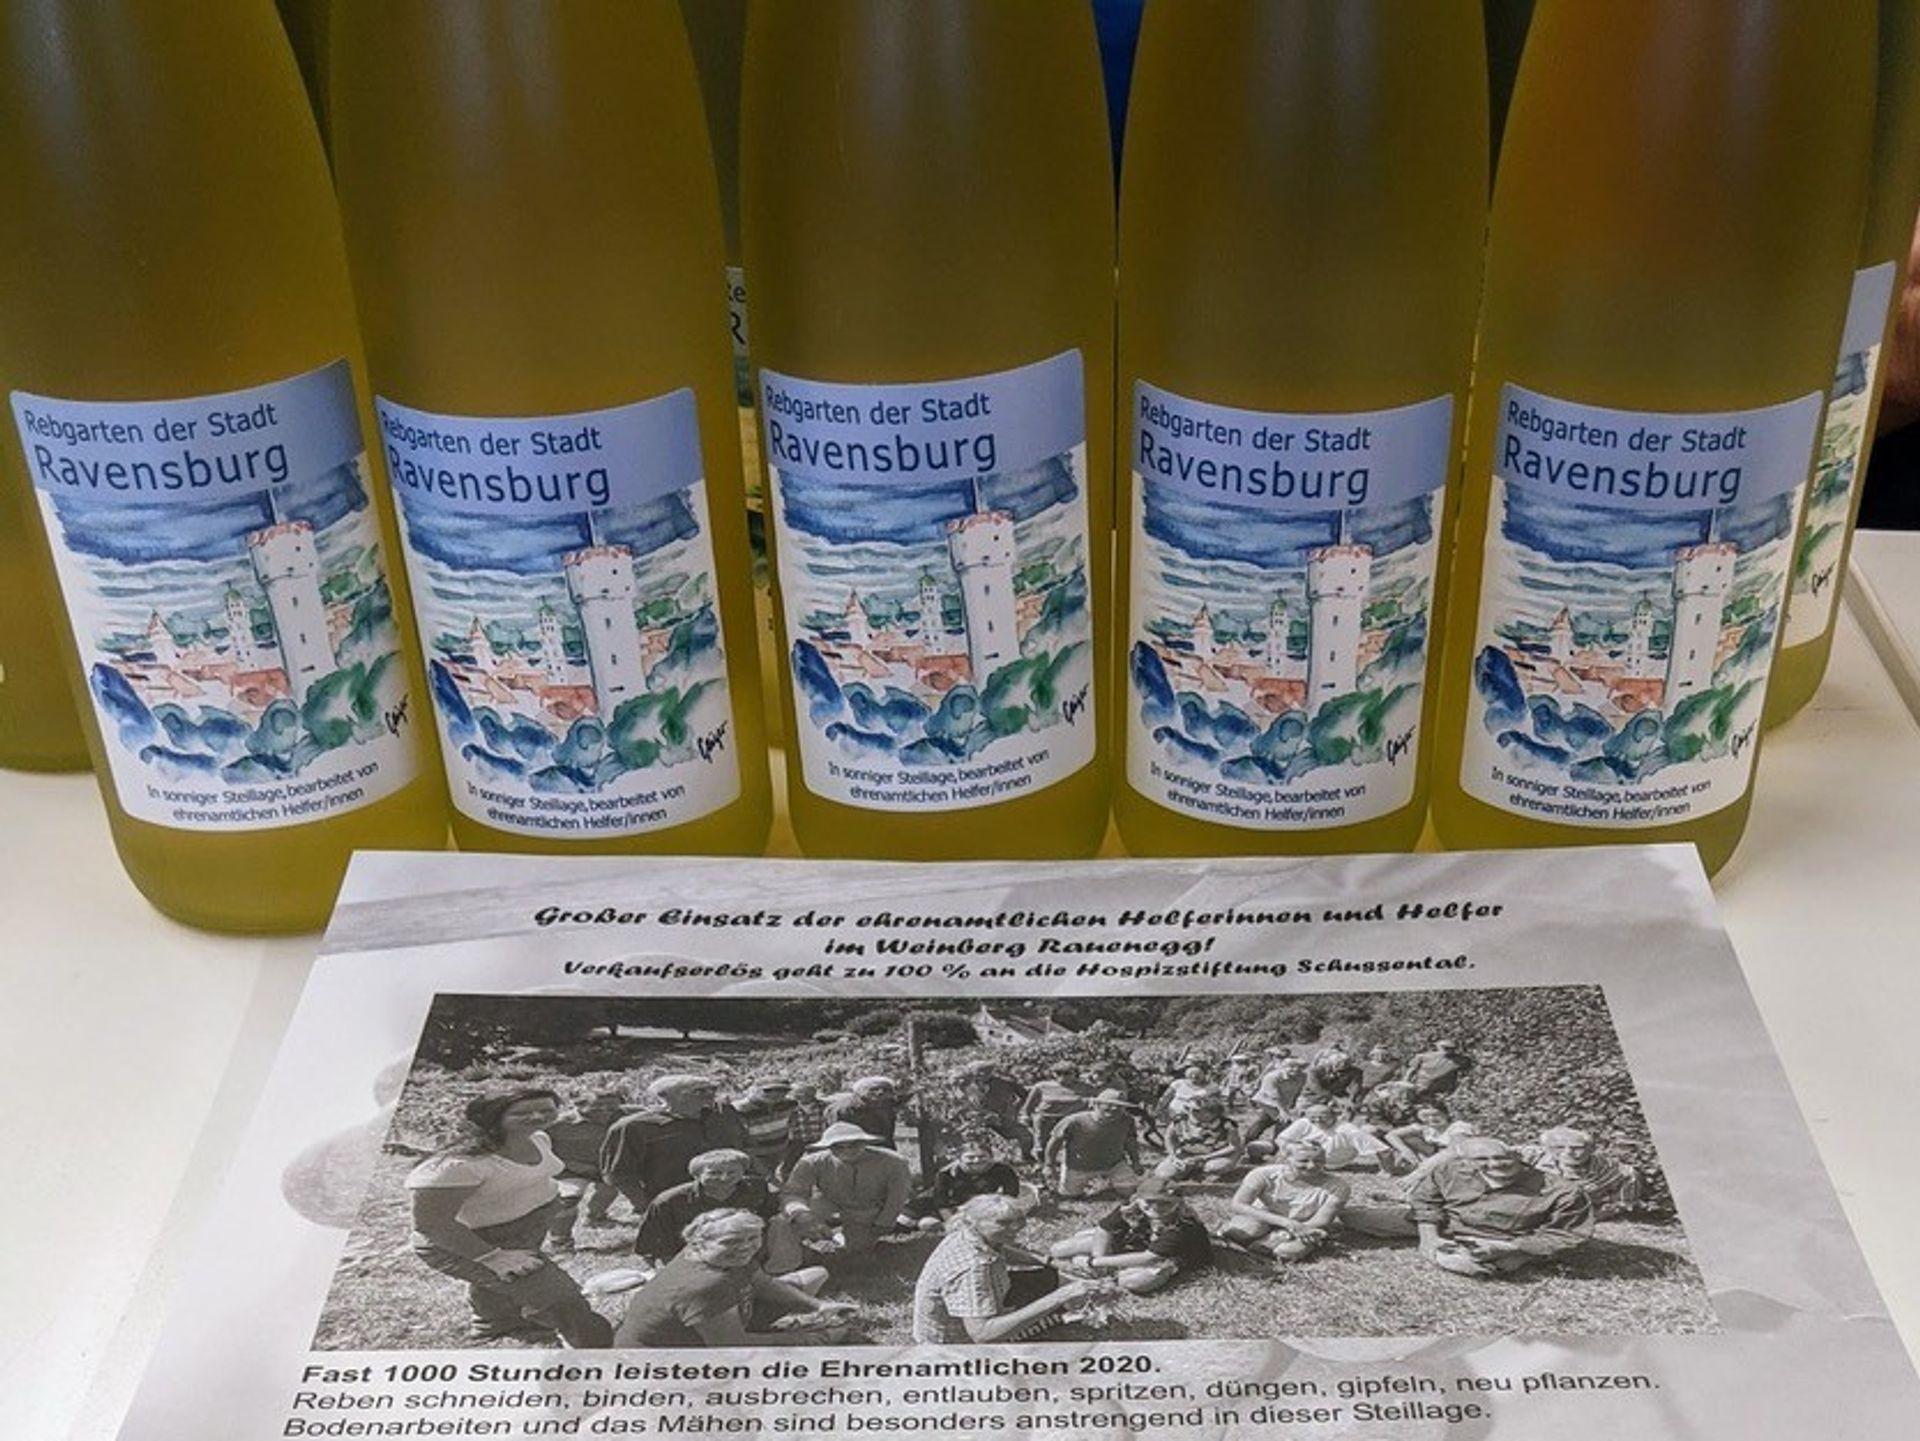 Secco-Verkauf am Rutensamstag, 24. Juli 2021 auf dem Ravensburger Wochenmarkt